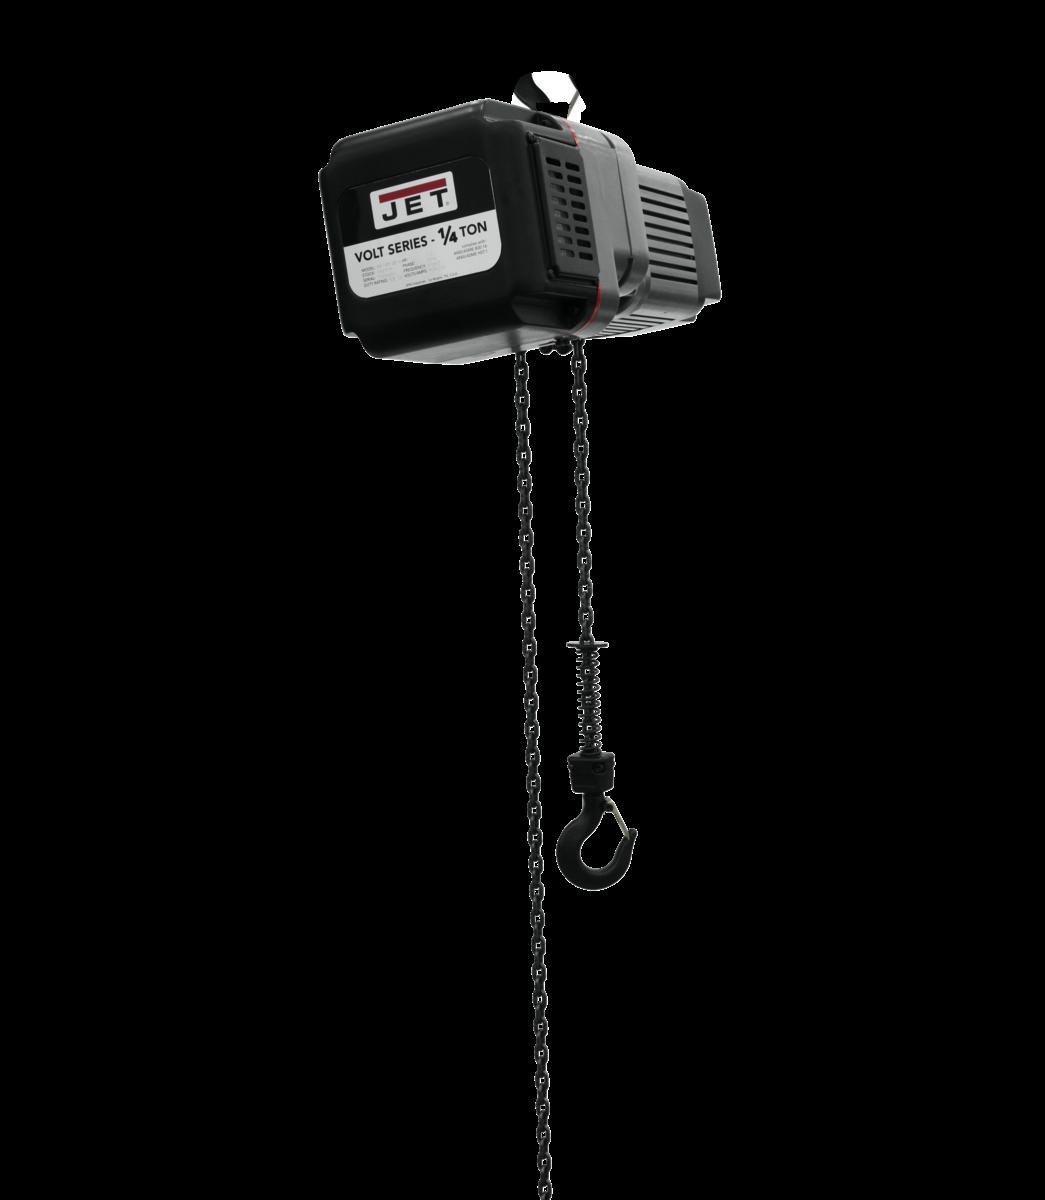 VOLT 1/4T VARIABLE-SPEED ELECTRIC HOIST 1PH/3PH 230V 20' LIFT